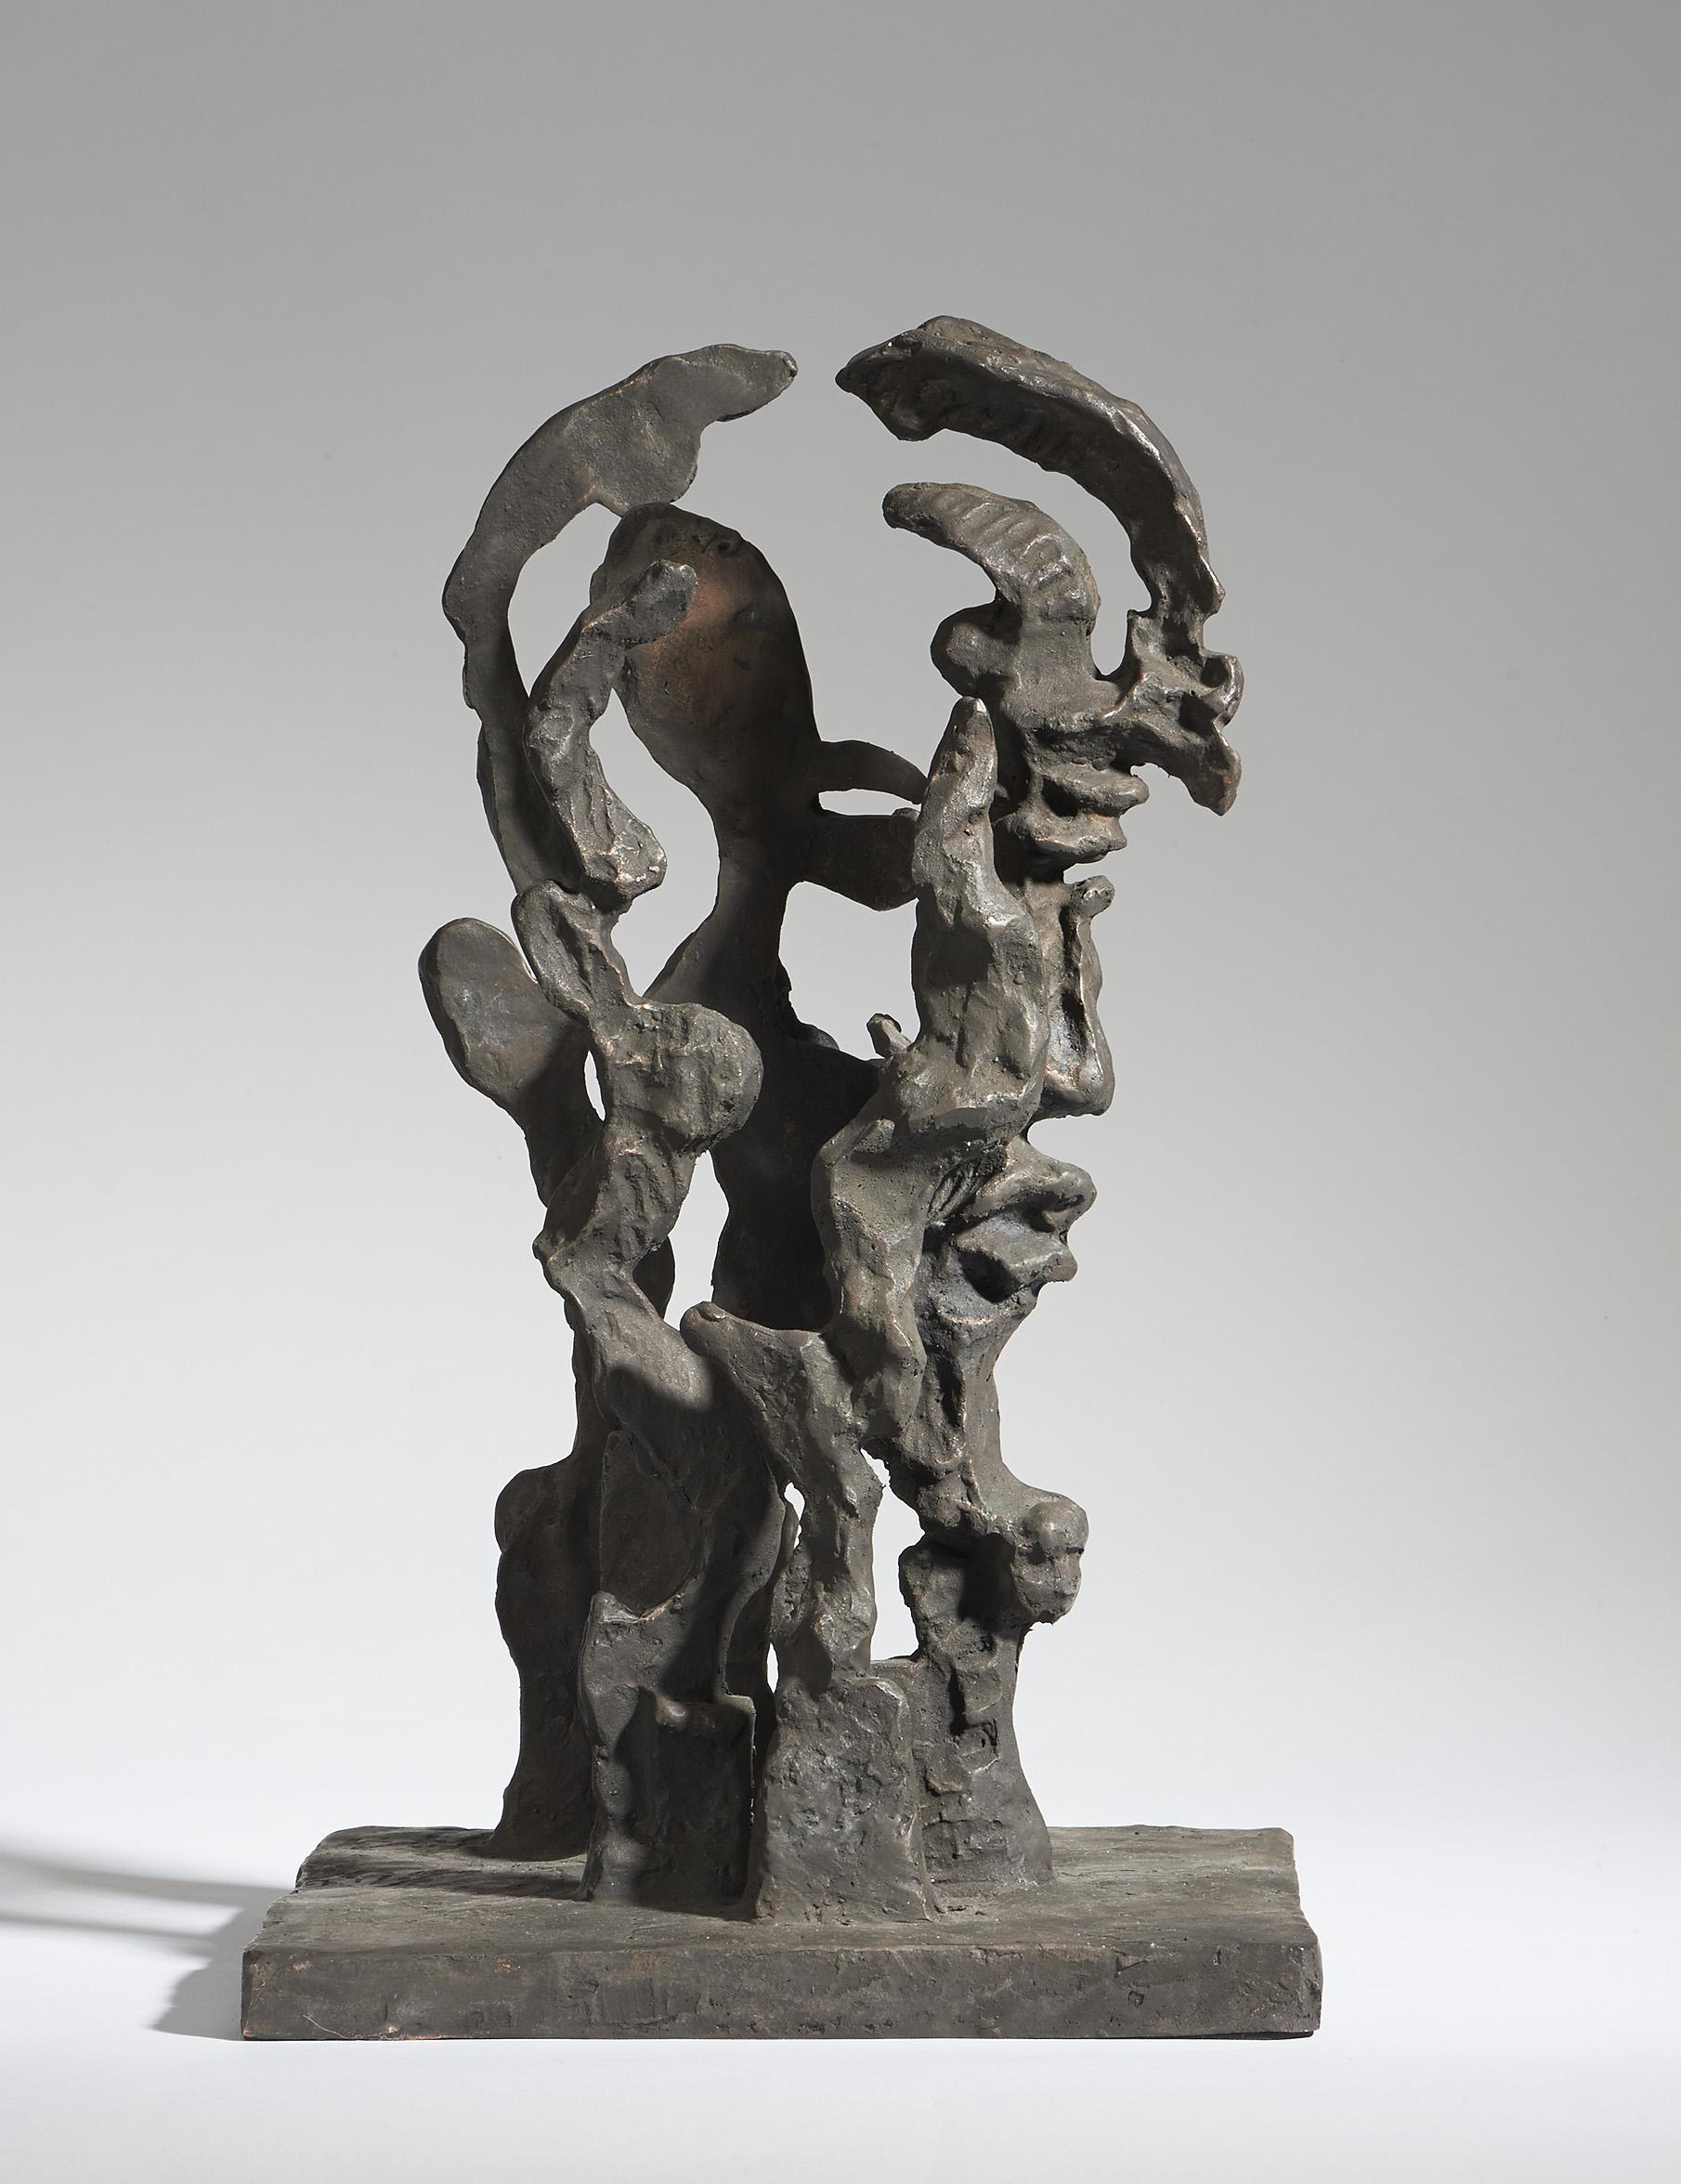 Fünf mal Licht und fünf mal Schatten (transparenter Männerkopf), 2010. Bronze. H 43cm